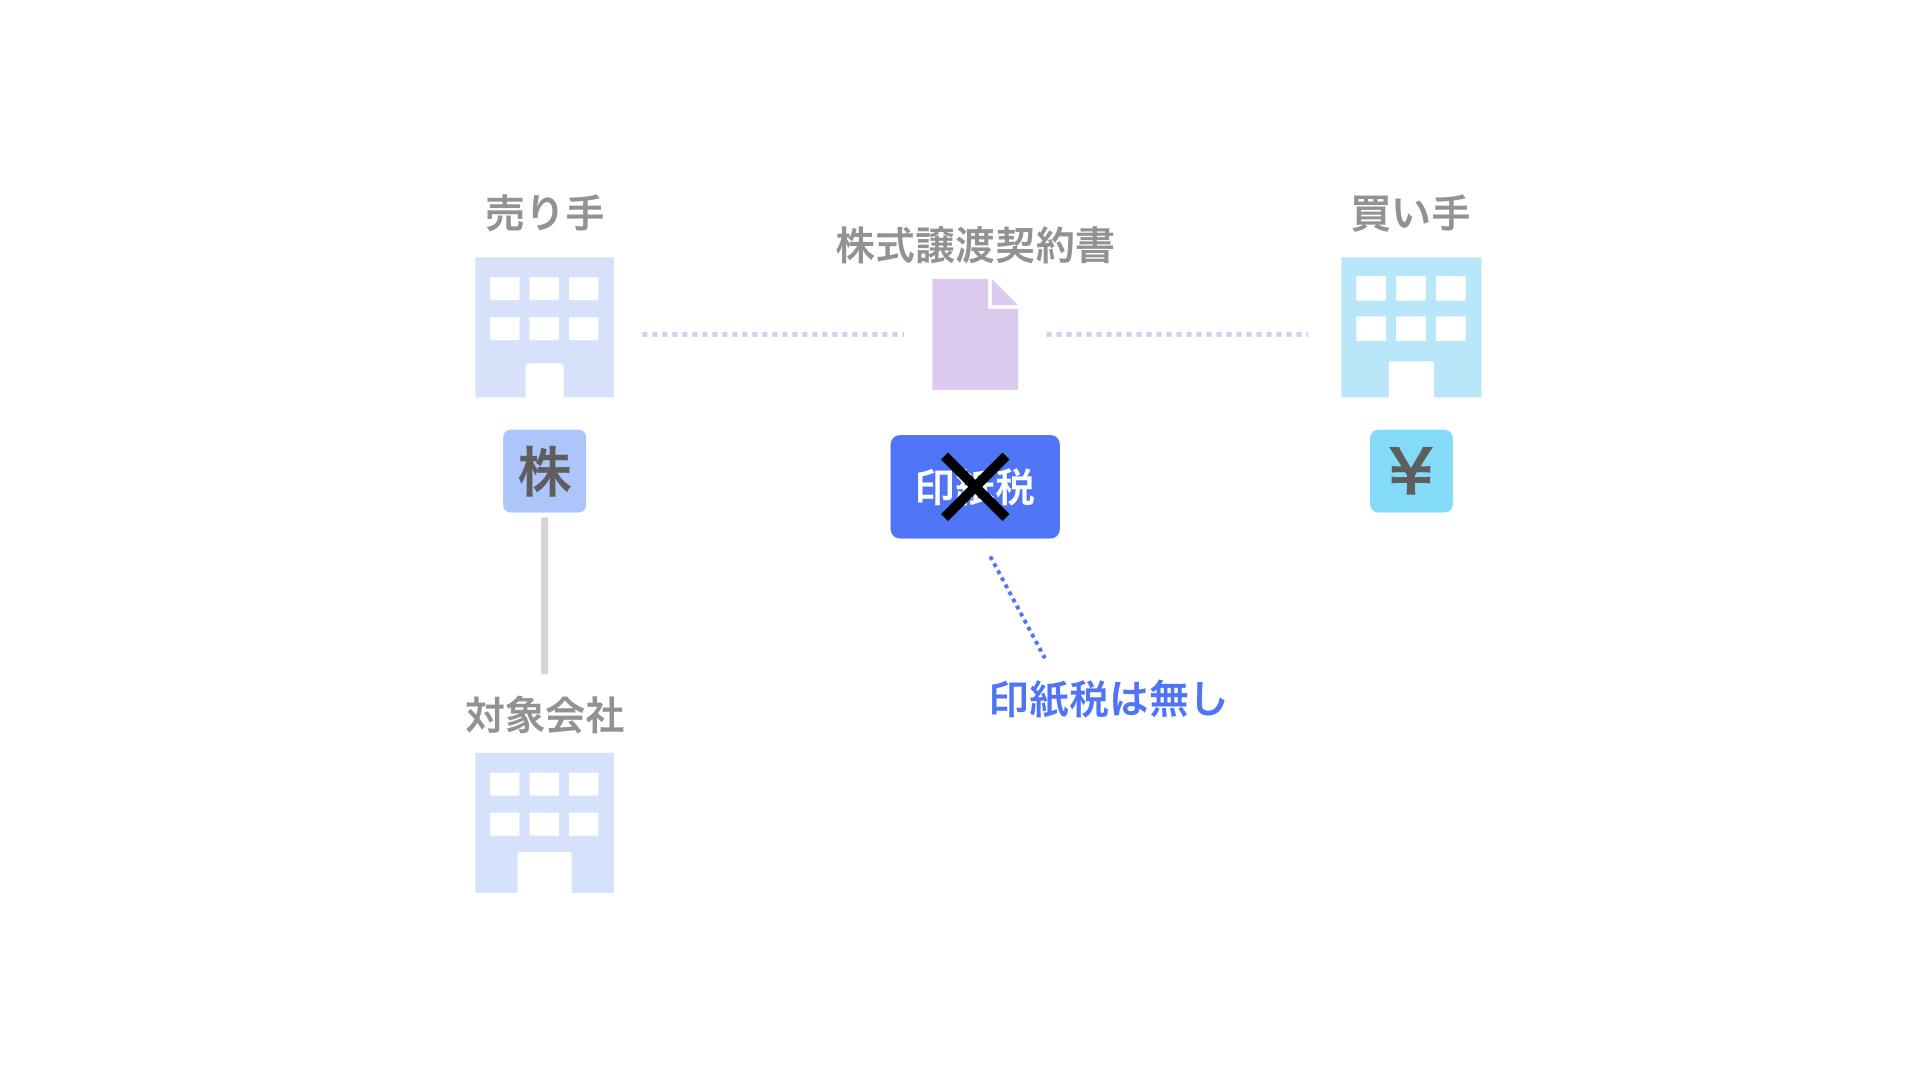 2. 印紙税